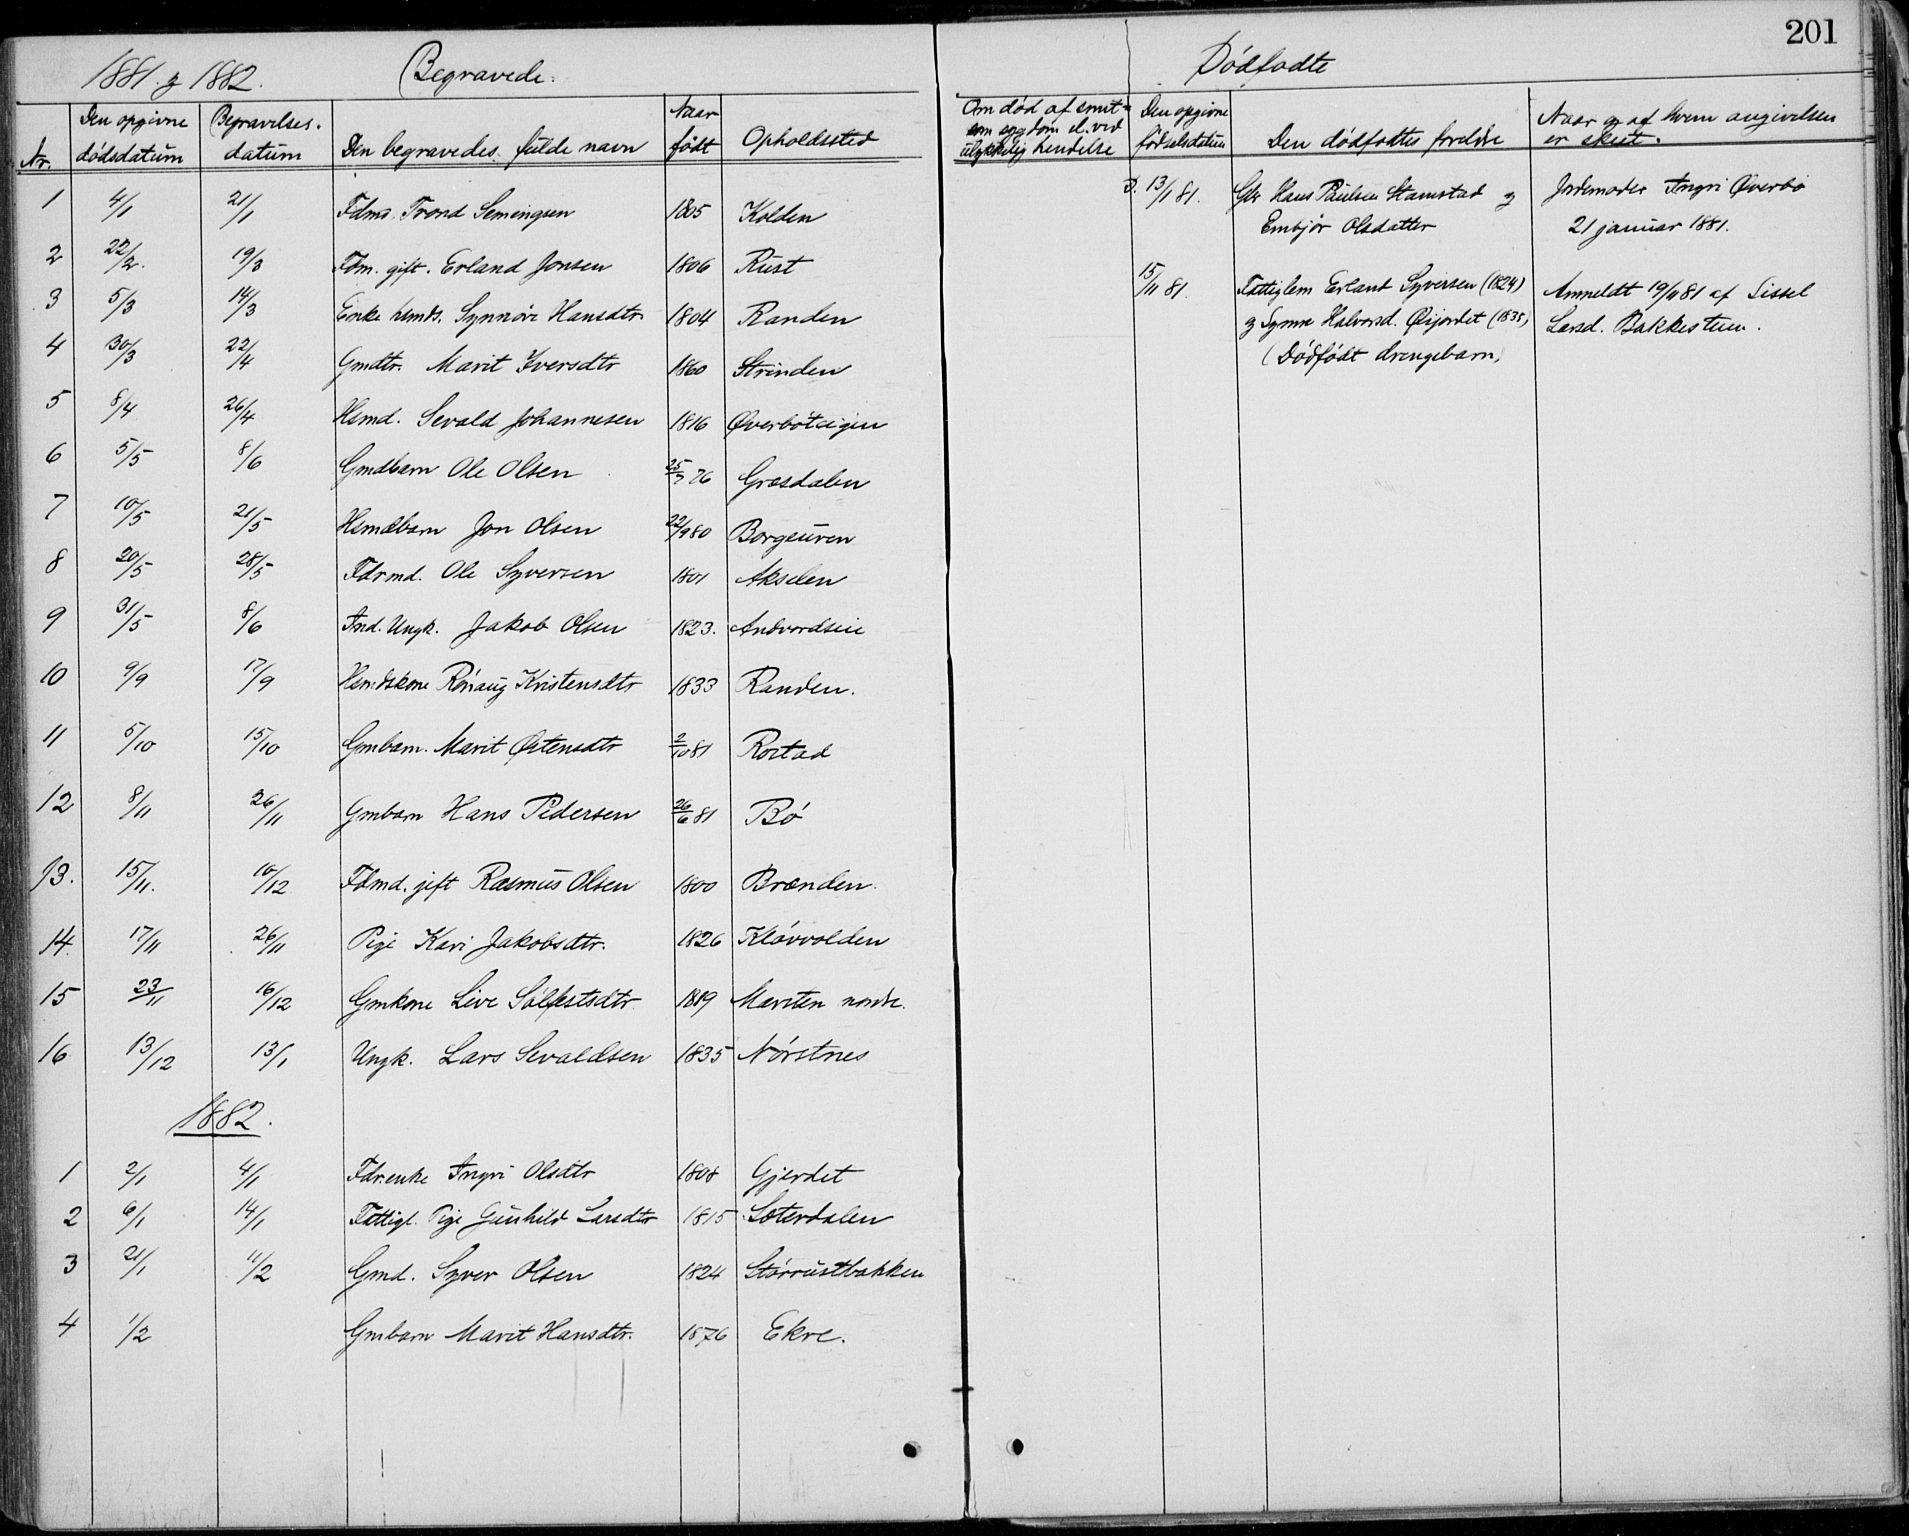 SAH, Lom prestekontor, L/L0013: Klokkerbok nr. 13, 1874-1938, s. 201